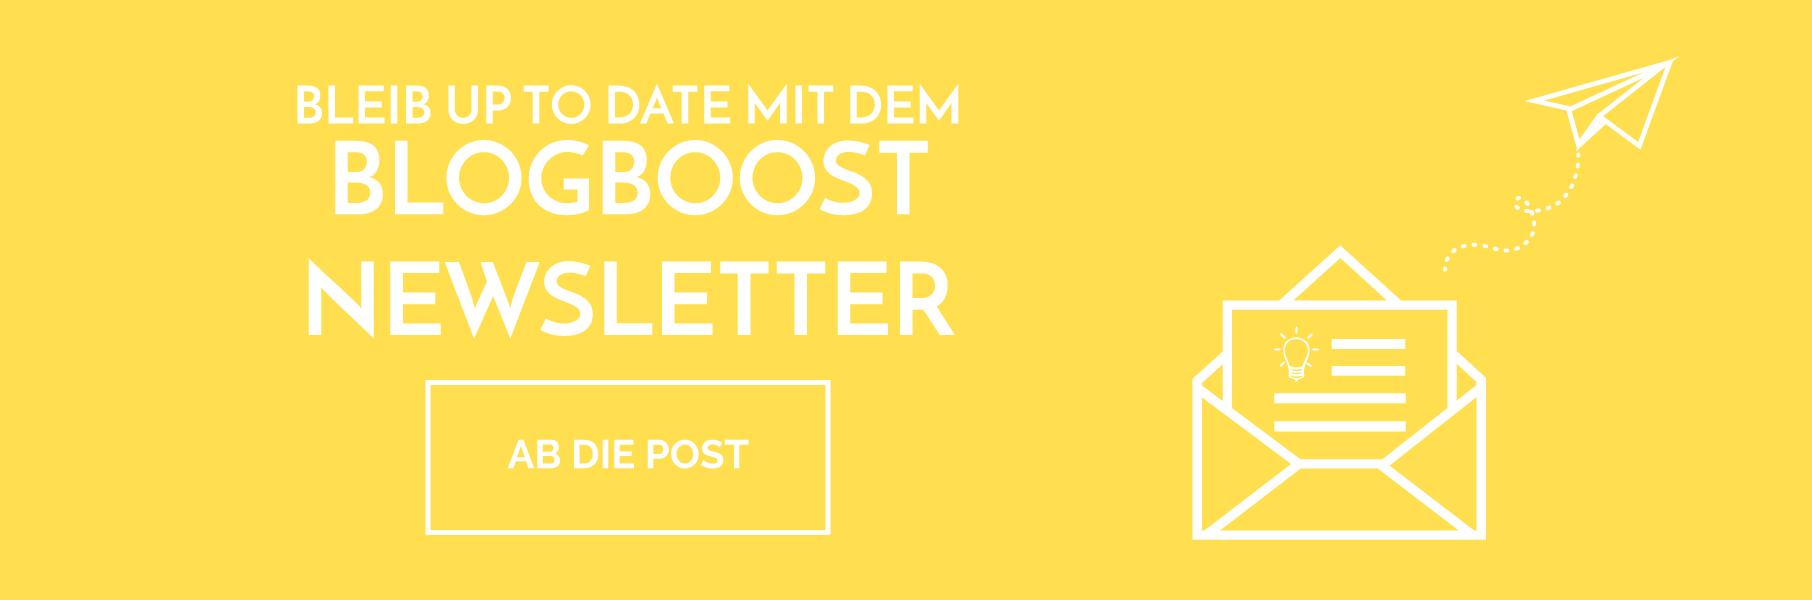 BlogBoost Newsletter - Anmelden und über neue Blogbeiträge, Kurse, Coachings und Gesetzesänderungen informiert bleiben!